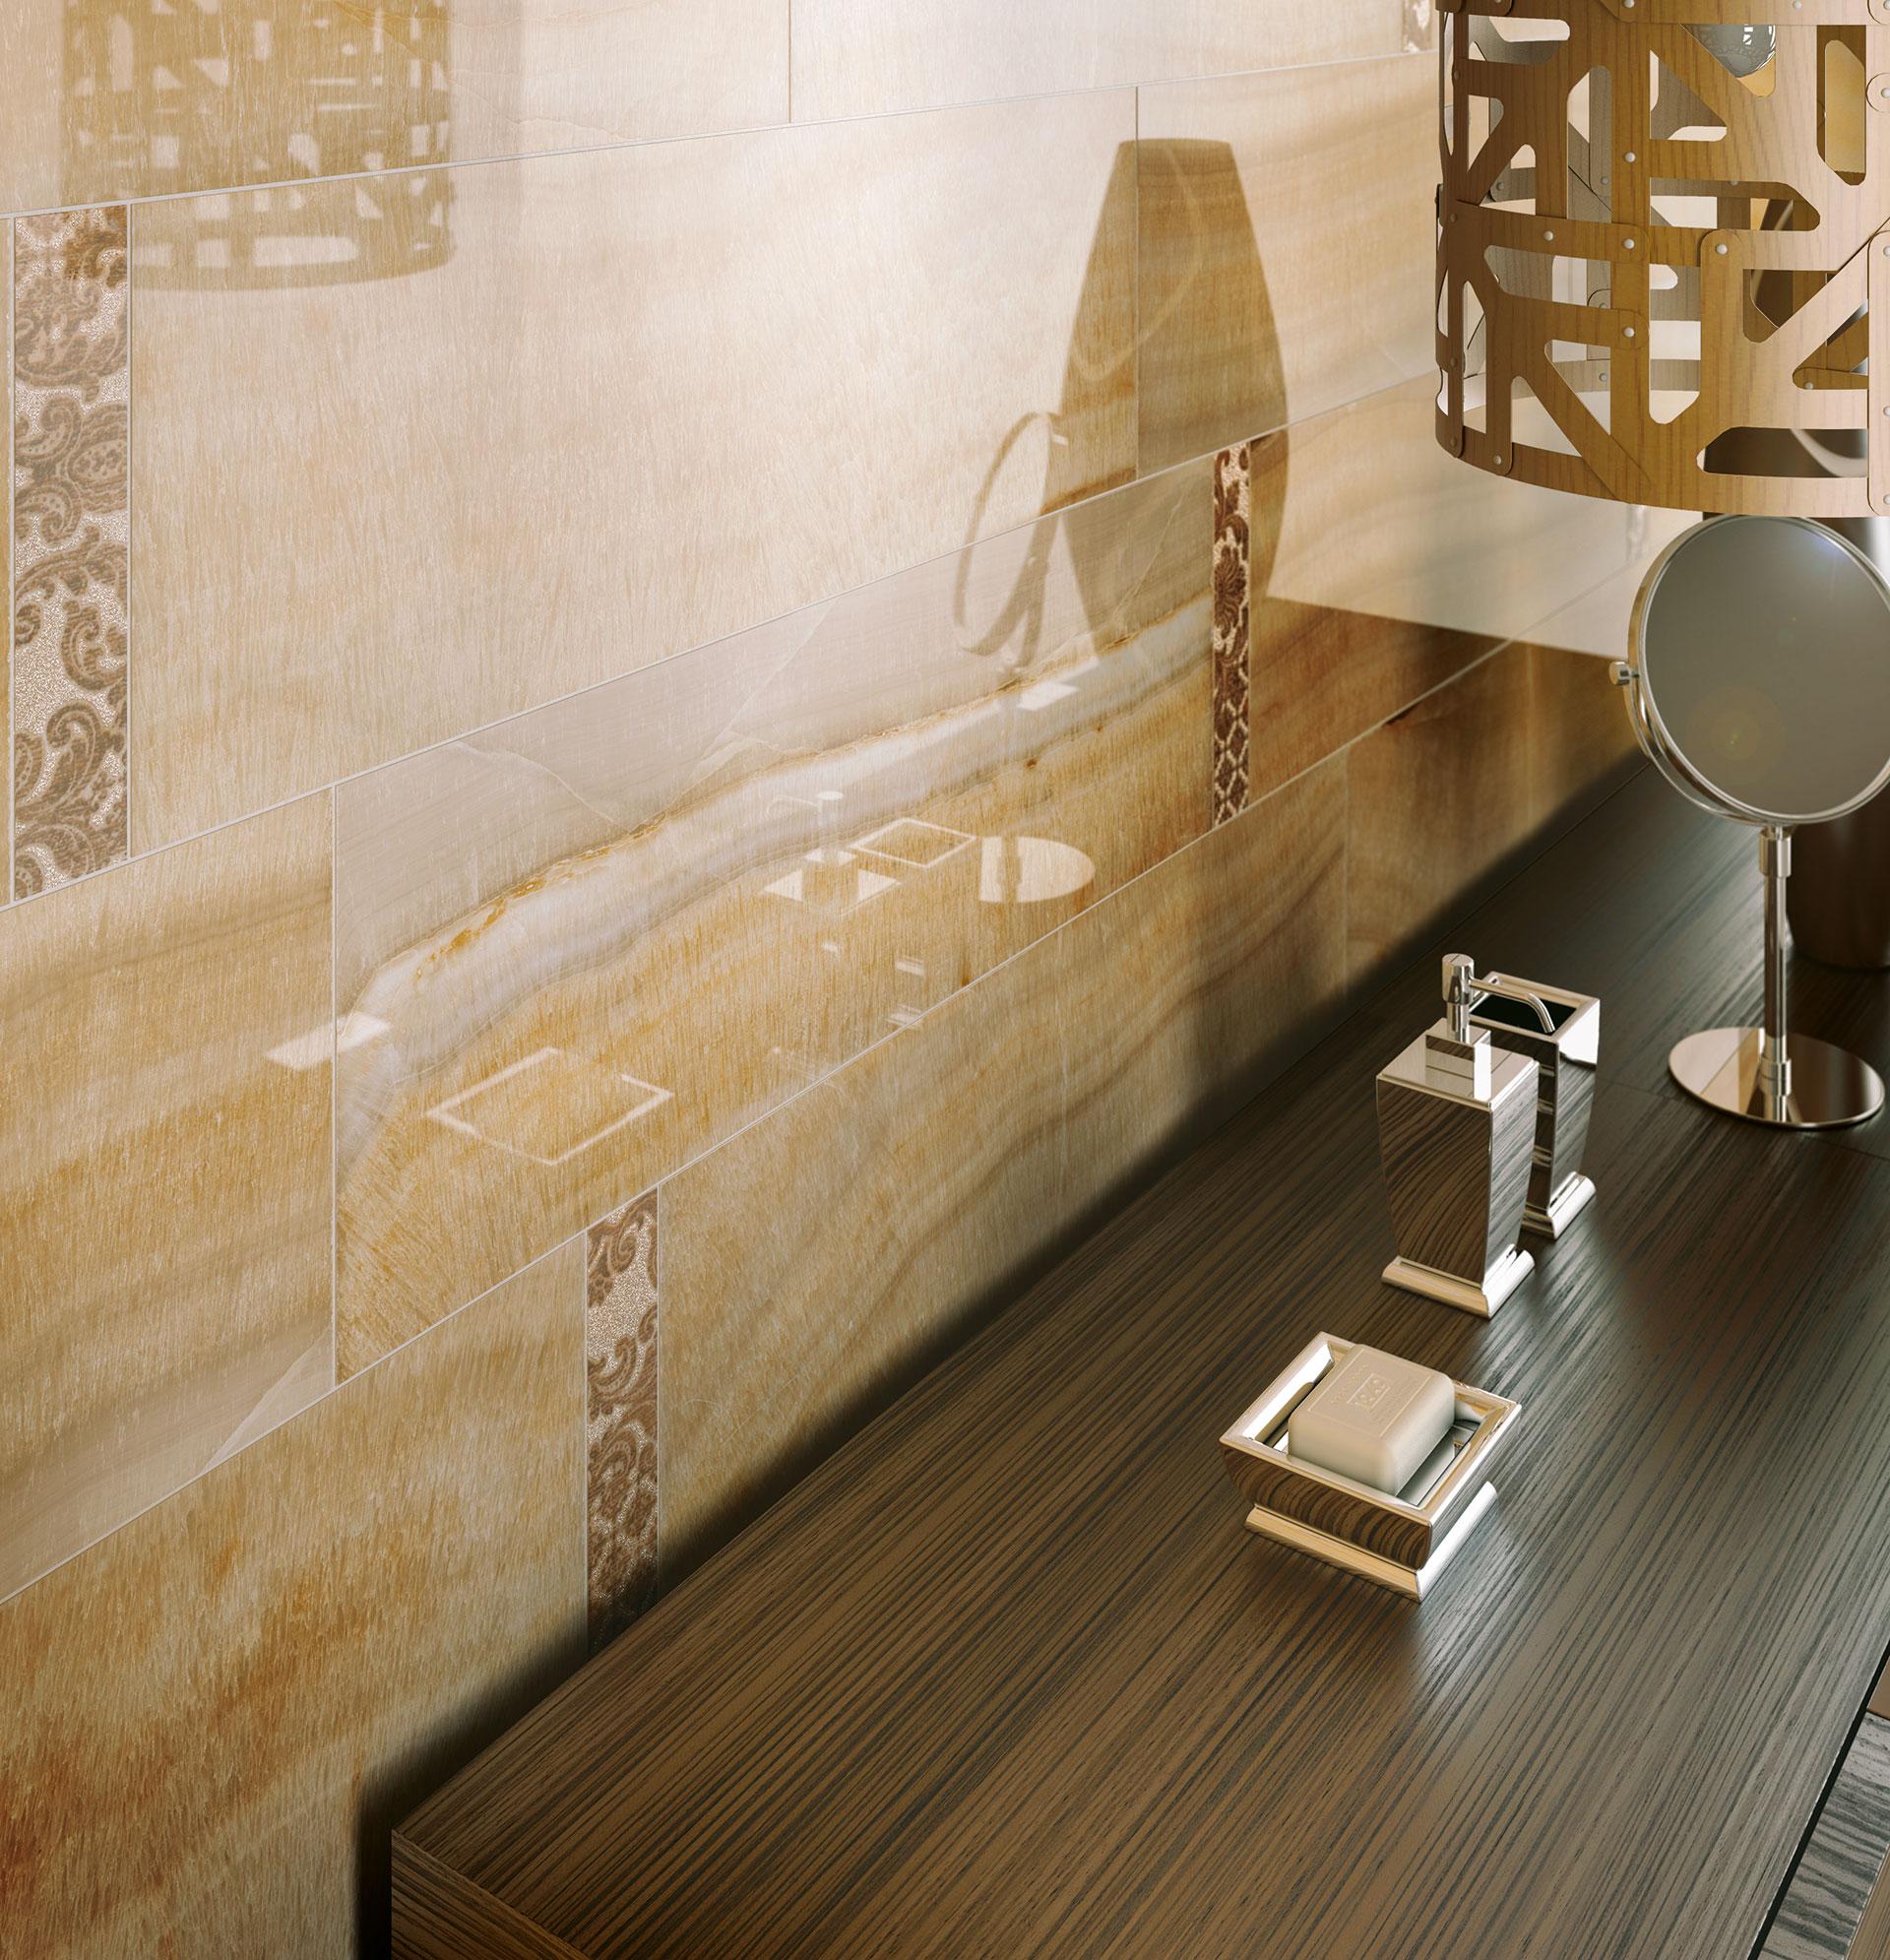 Il fascino degli ambienti classici IRIS: pavimenti e rivestimenti Muse